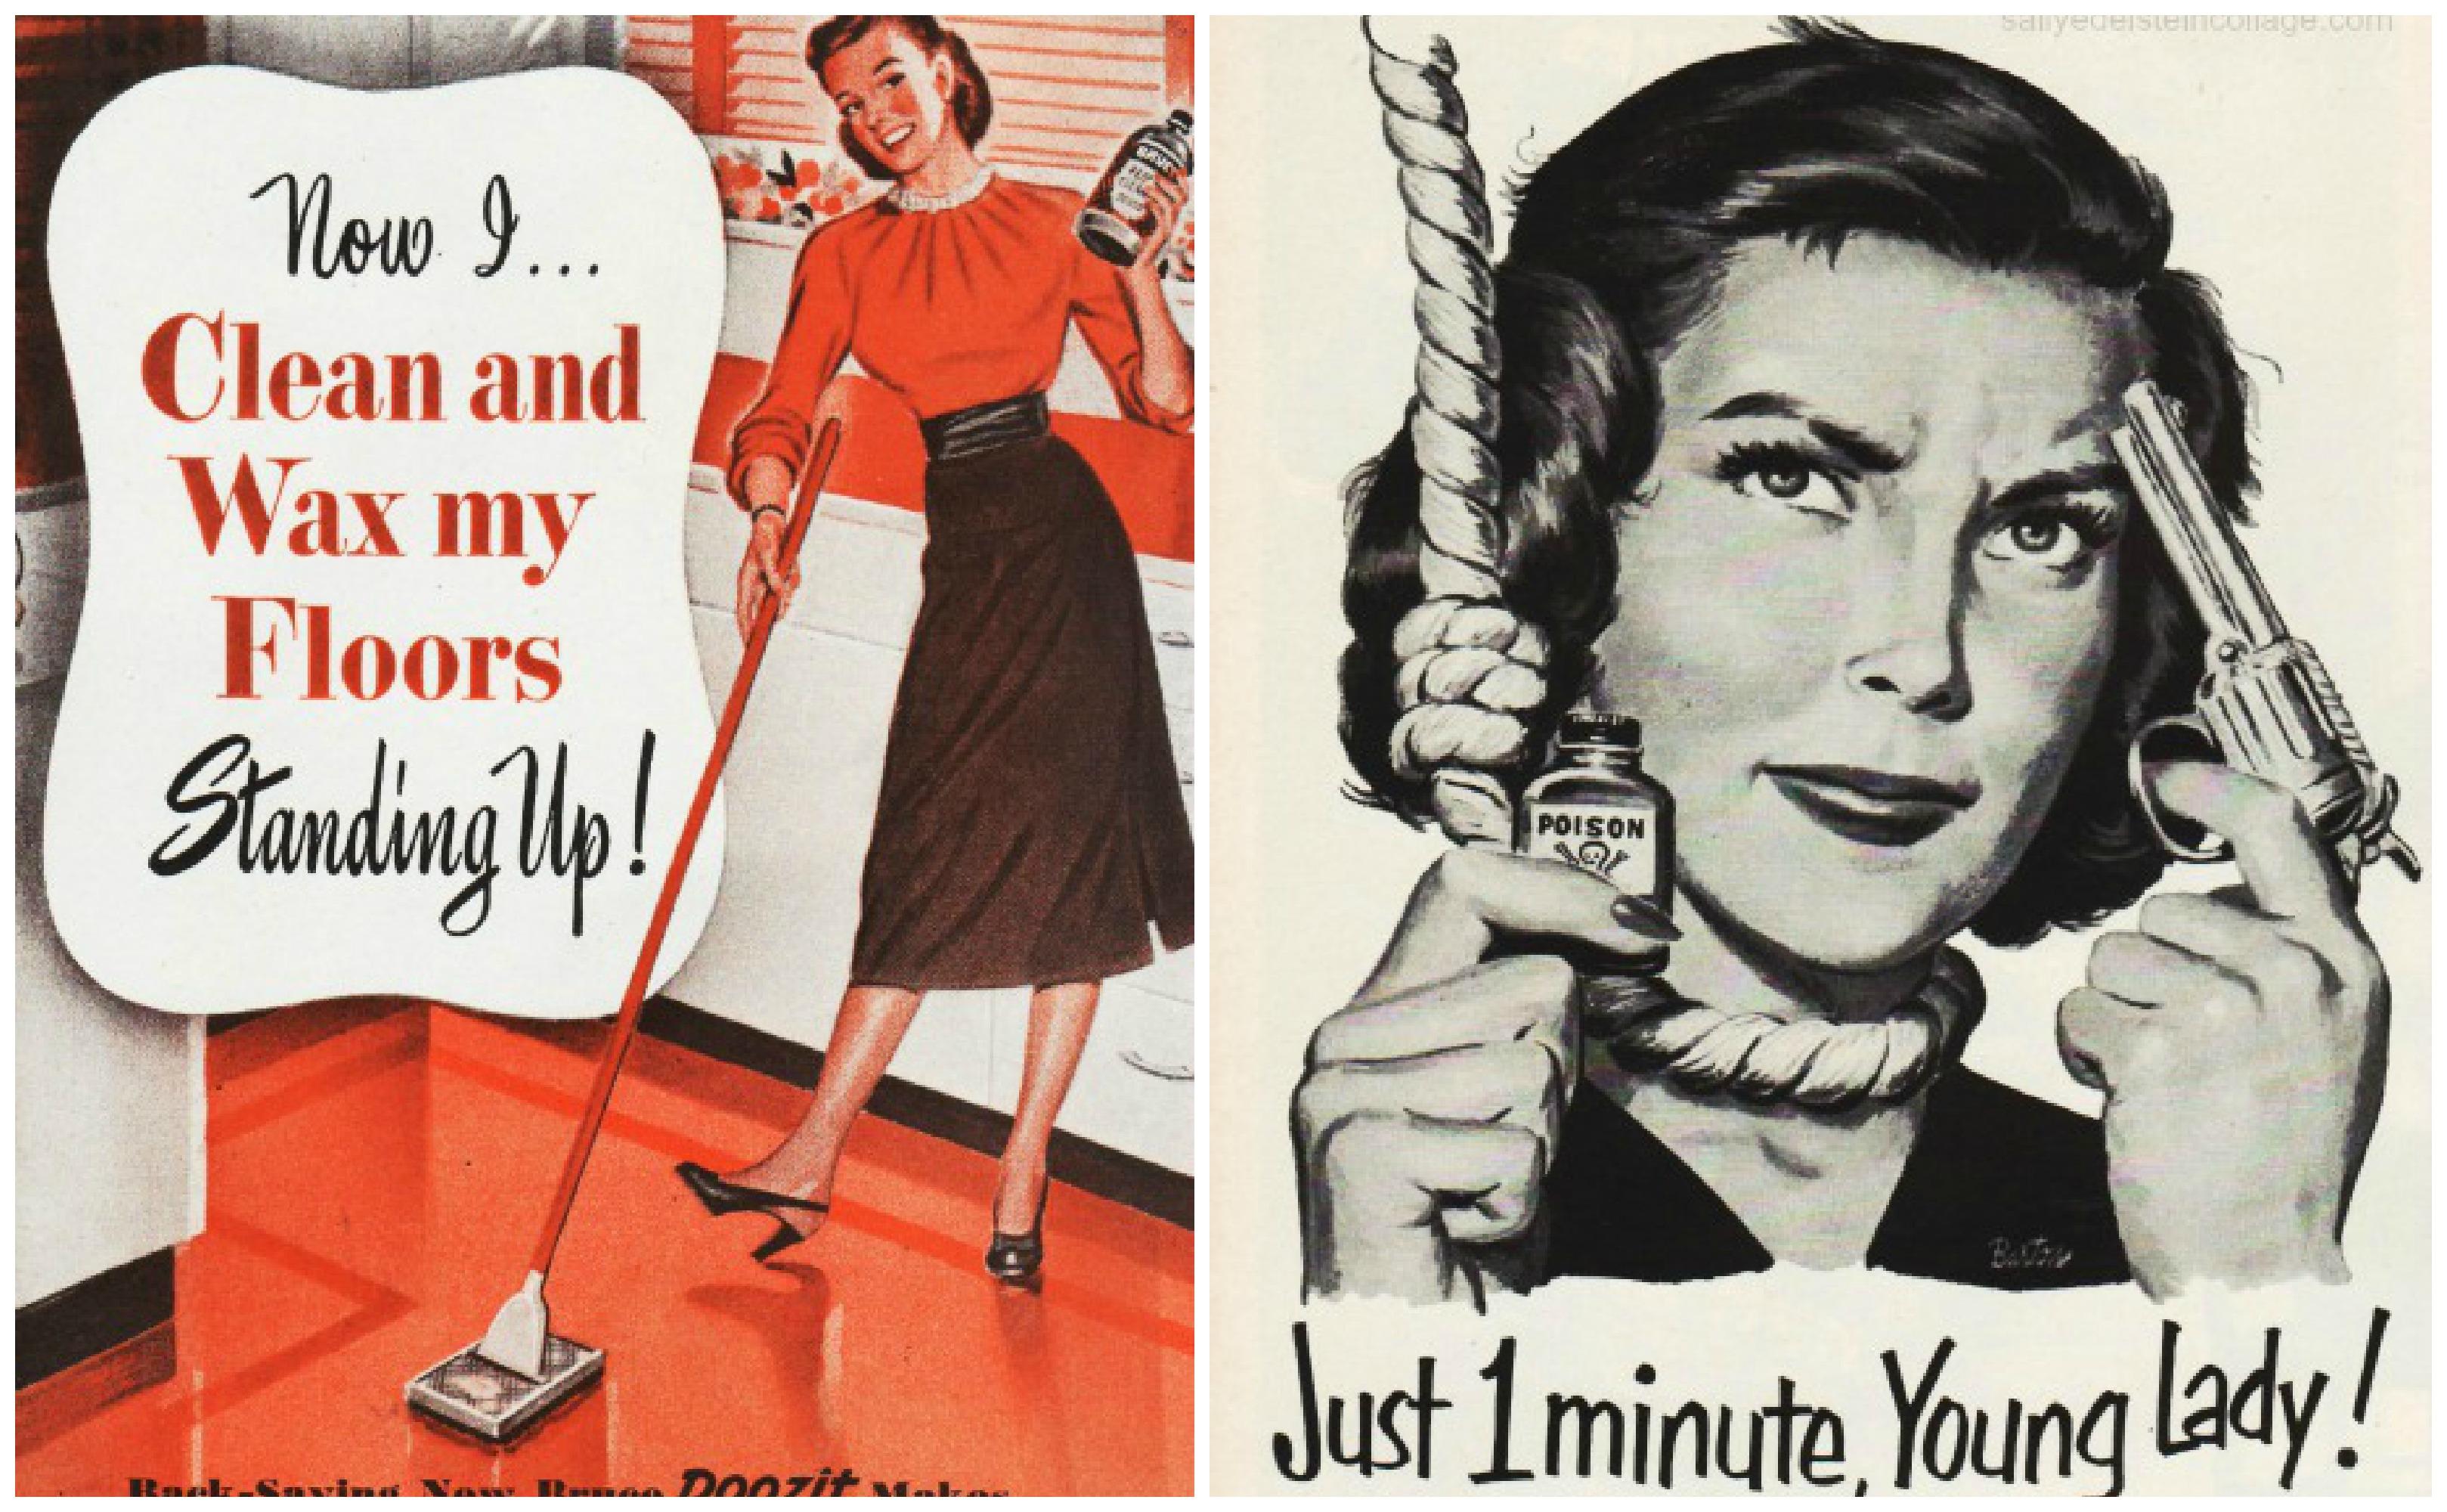 roles of women in advertising